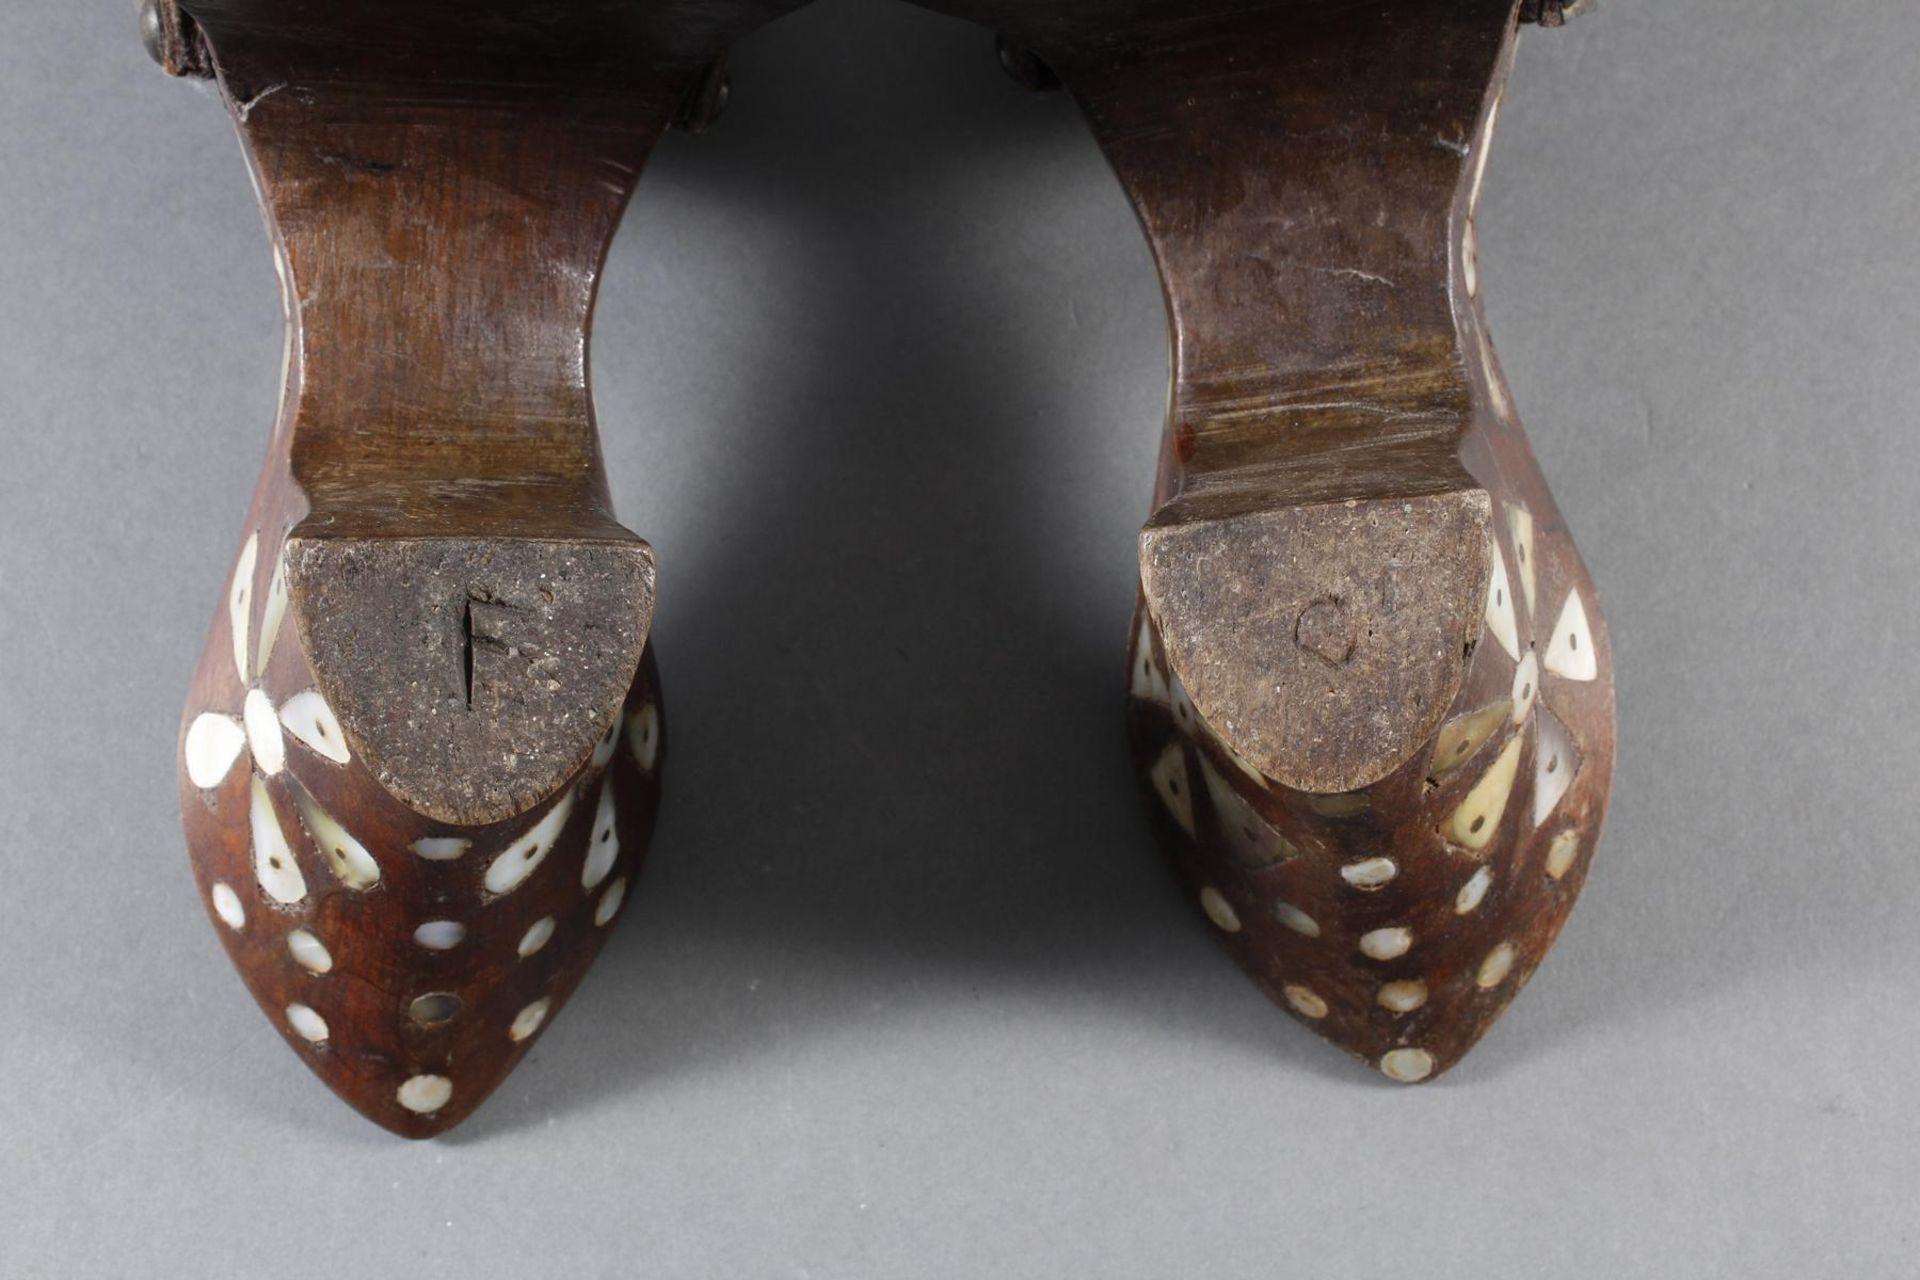 Stelzenschuh-Paar, China, 18. / 19. Jahrhundert - Bild 14 aus 15